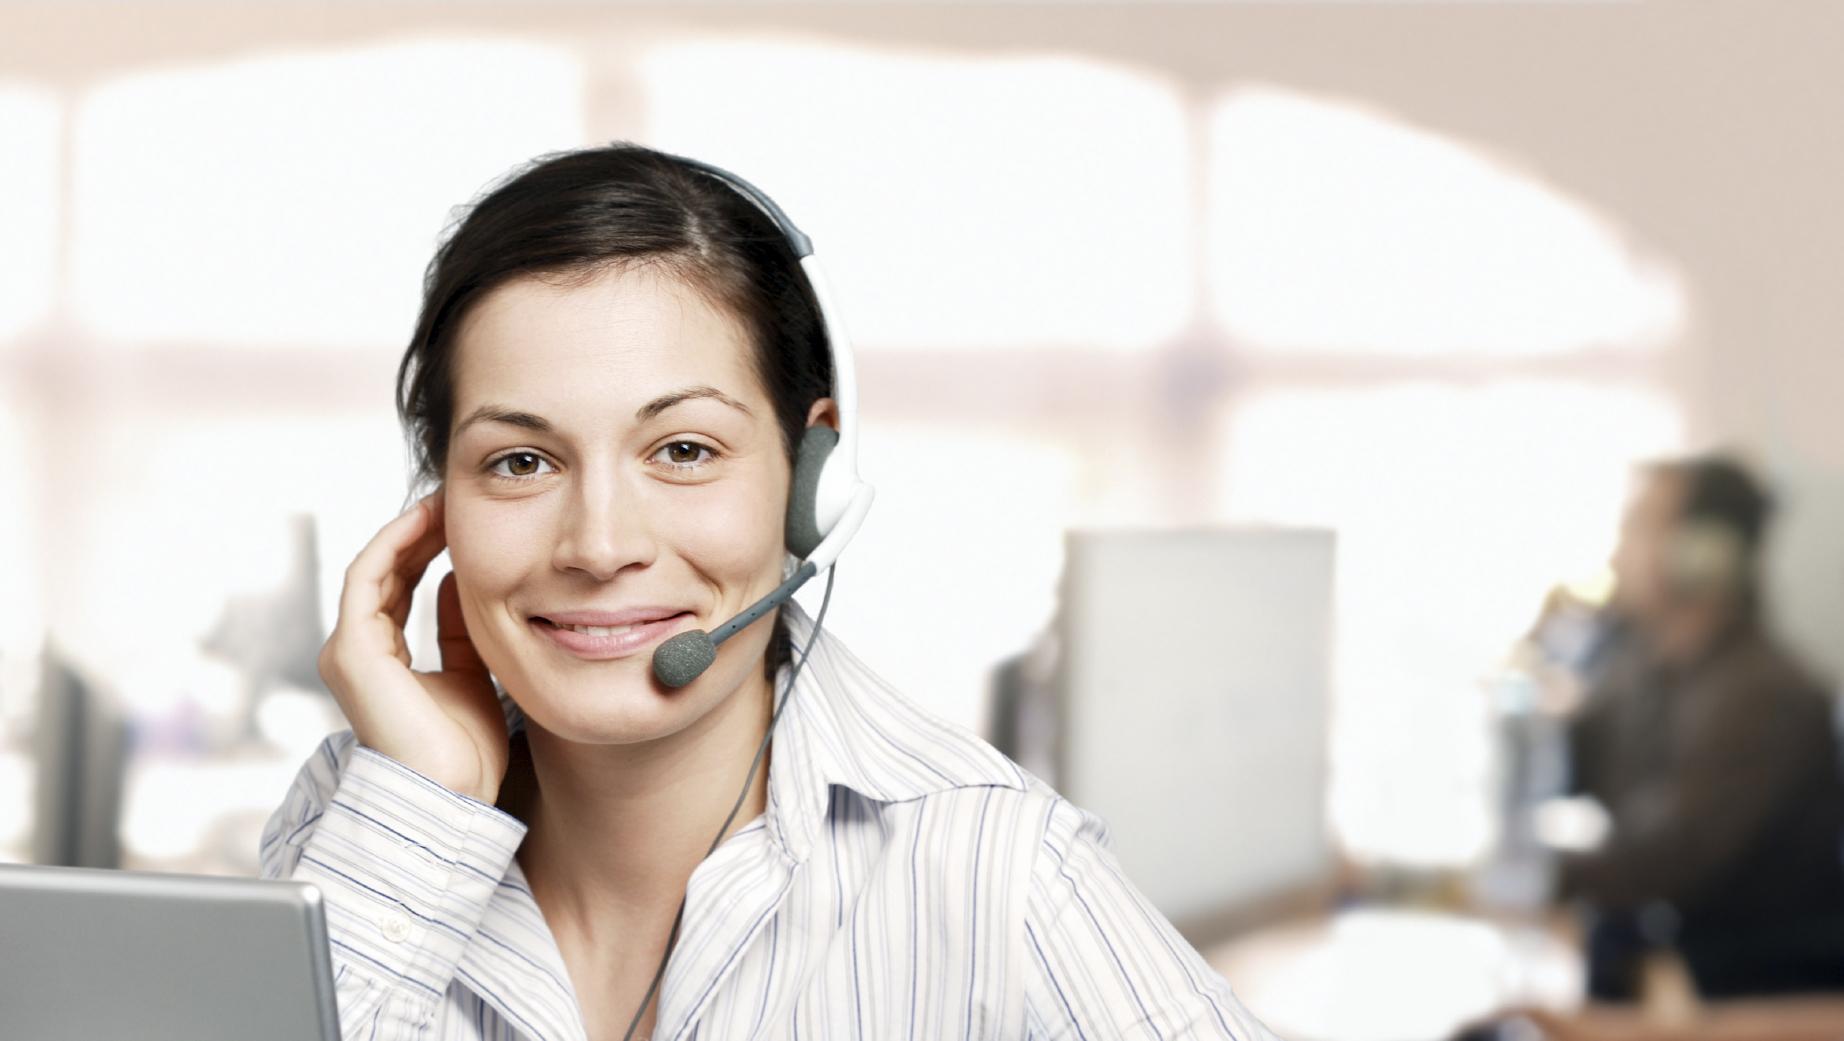 Περιφέρεια Αττικής: Call center βοήθειας και πληροφόρησης για τον κορονοϊό